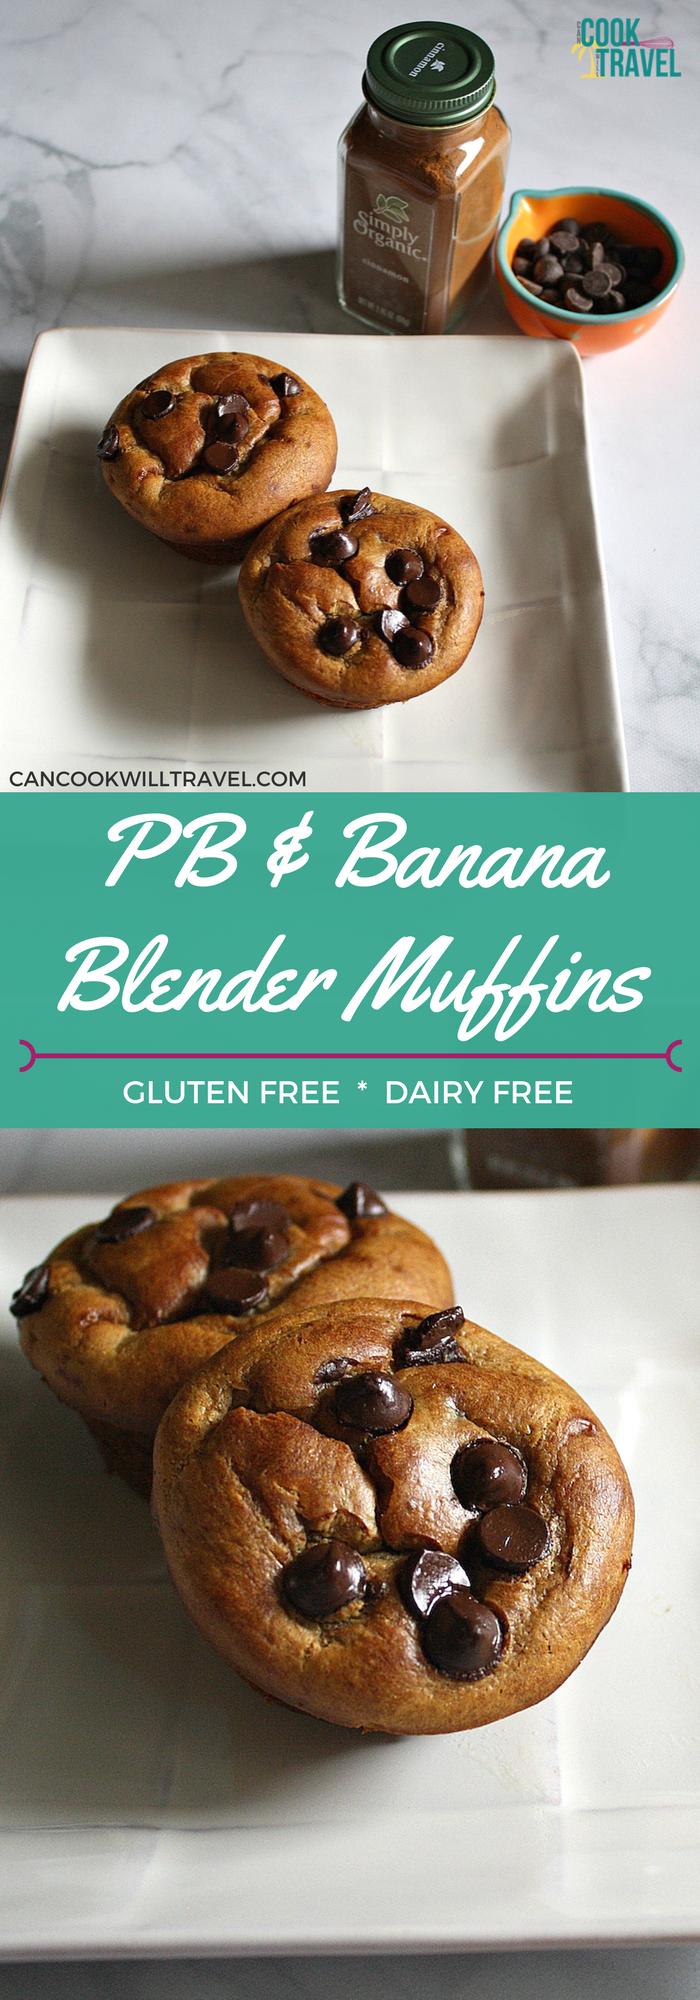 Easy Blender Muffins